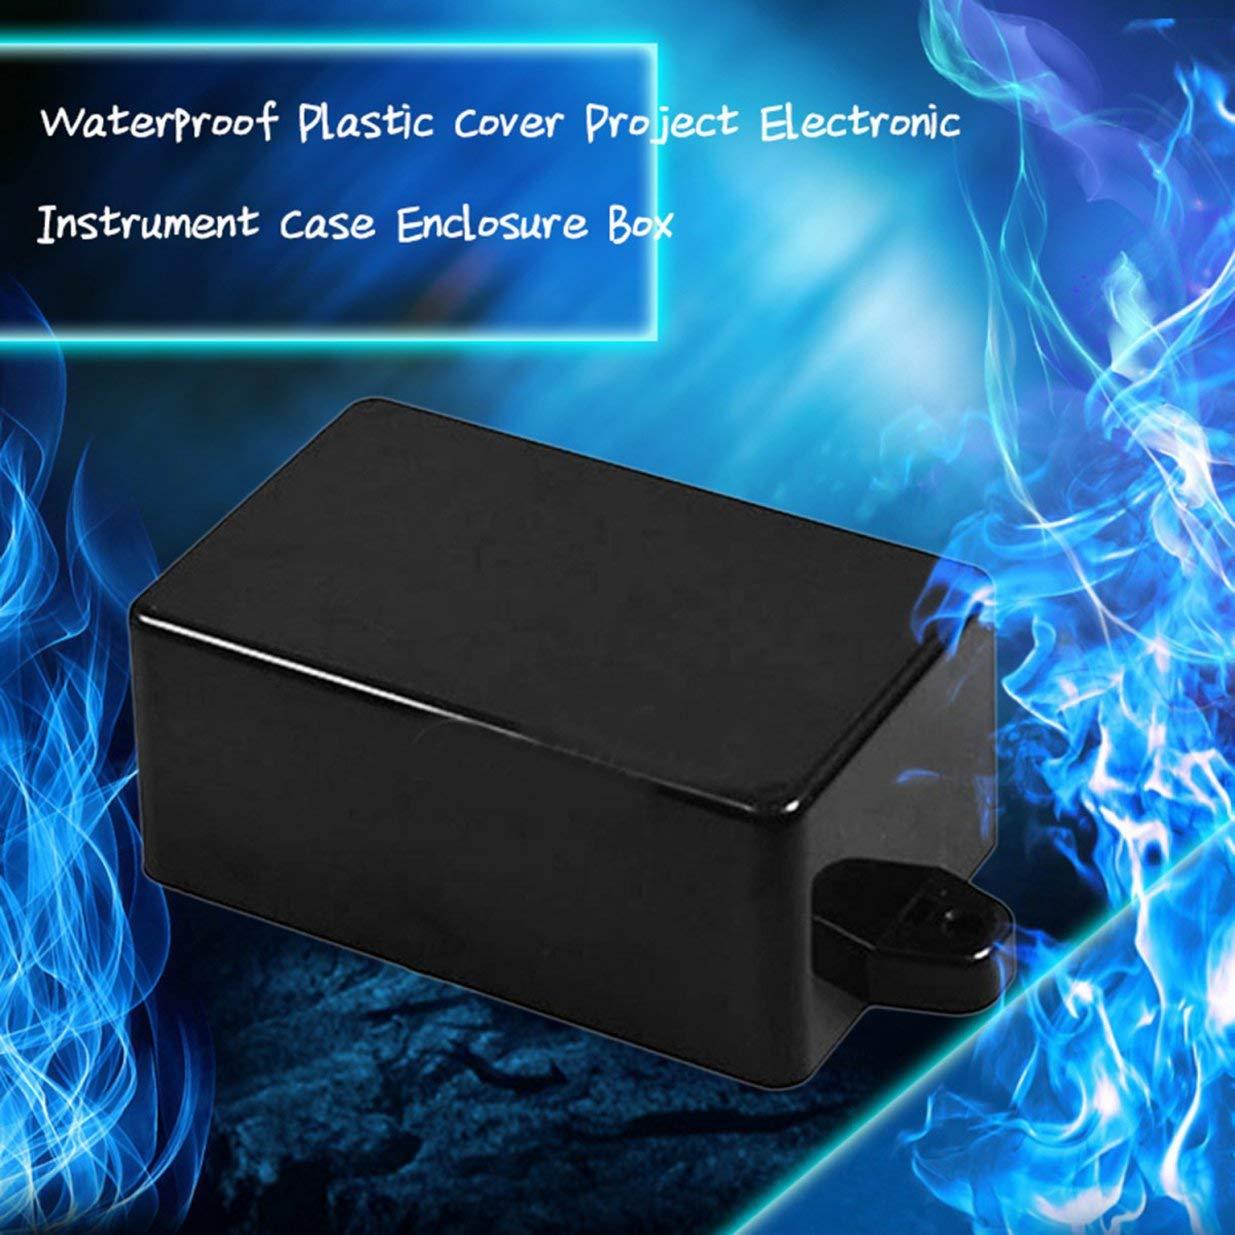 Sairis Heavy Gauge Construction en plastique extrud/é Projet de couverture en plastique imperm/éable Bo/îtier de bo/îtier d/'instrument /électronique